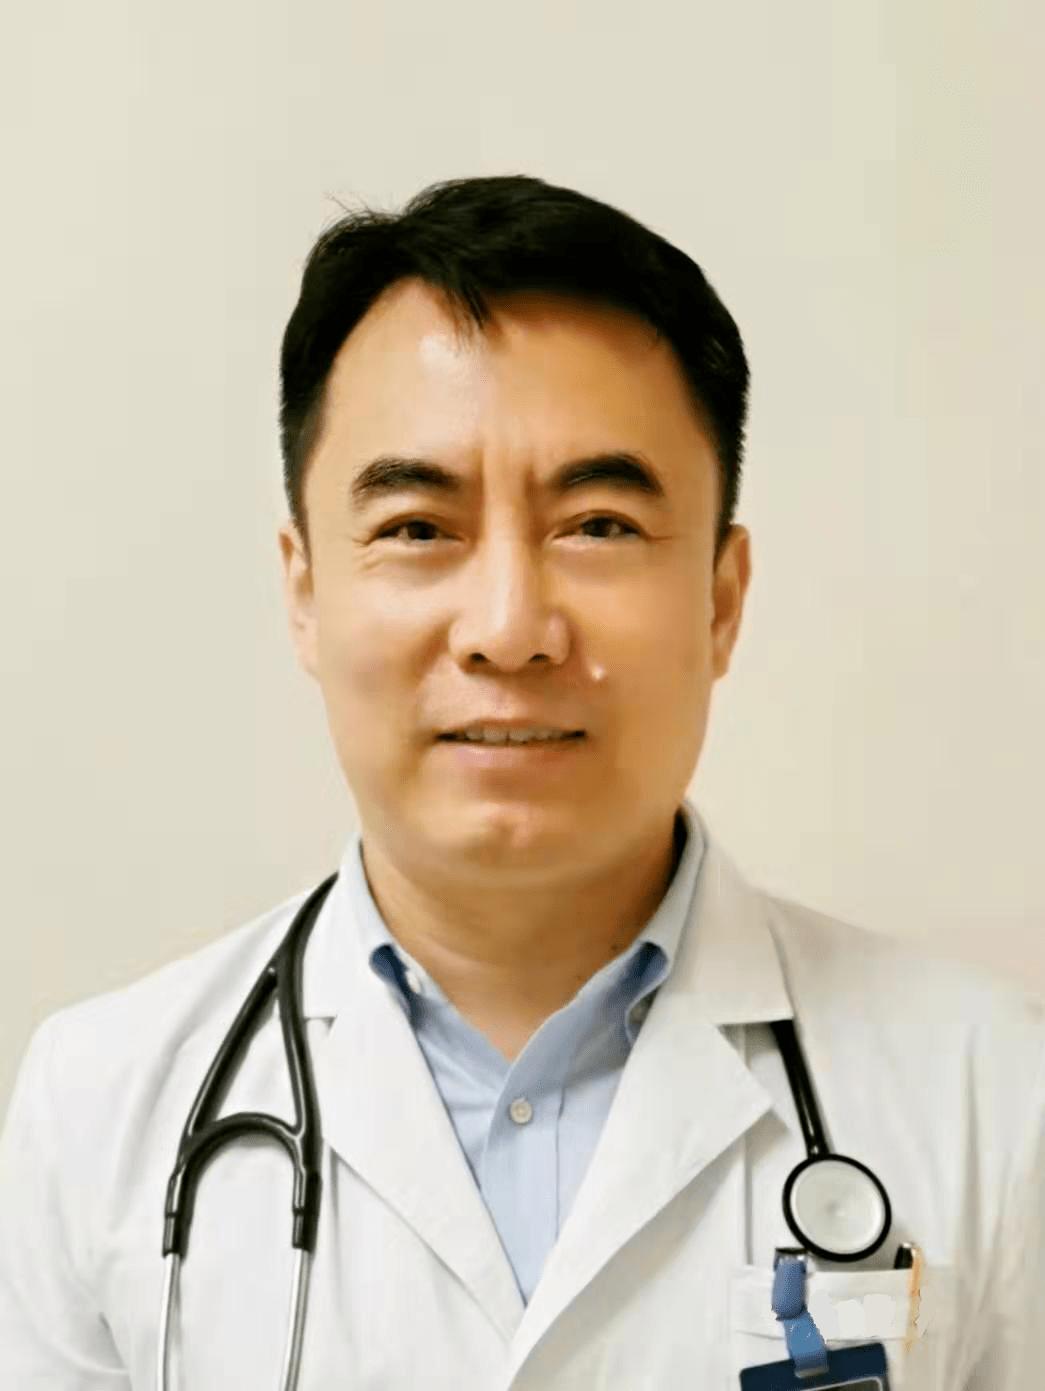 协和医院的专家说|最新新冠病毒的个人防护点,文章集锦!